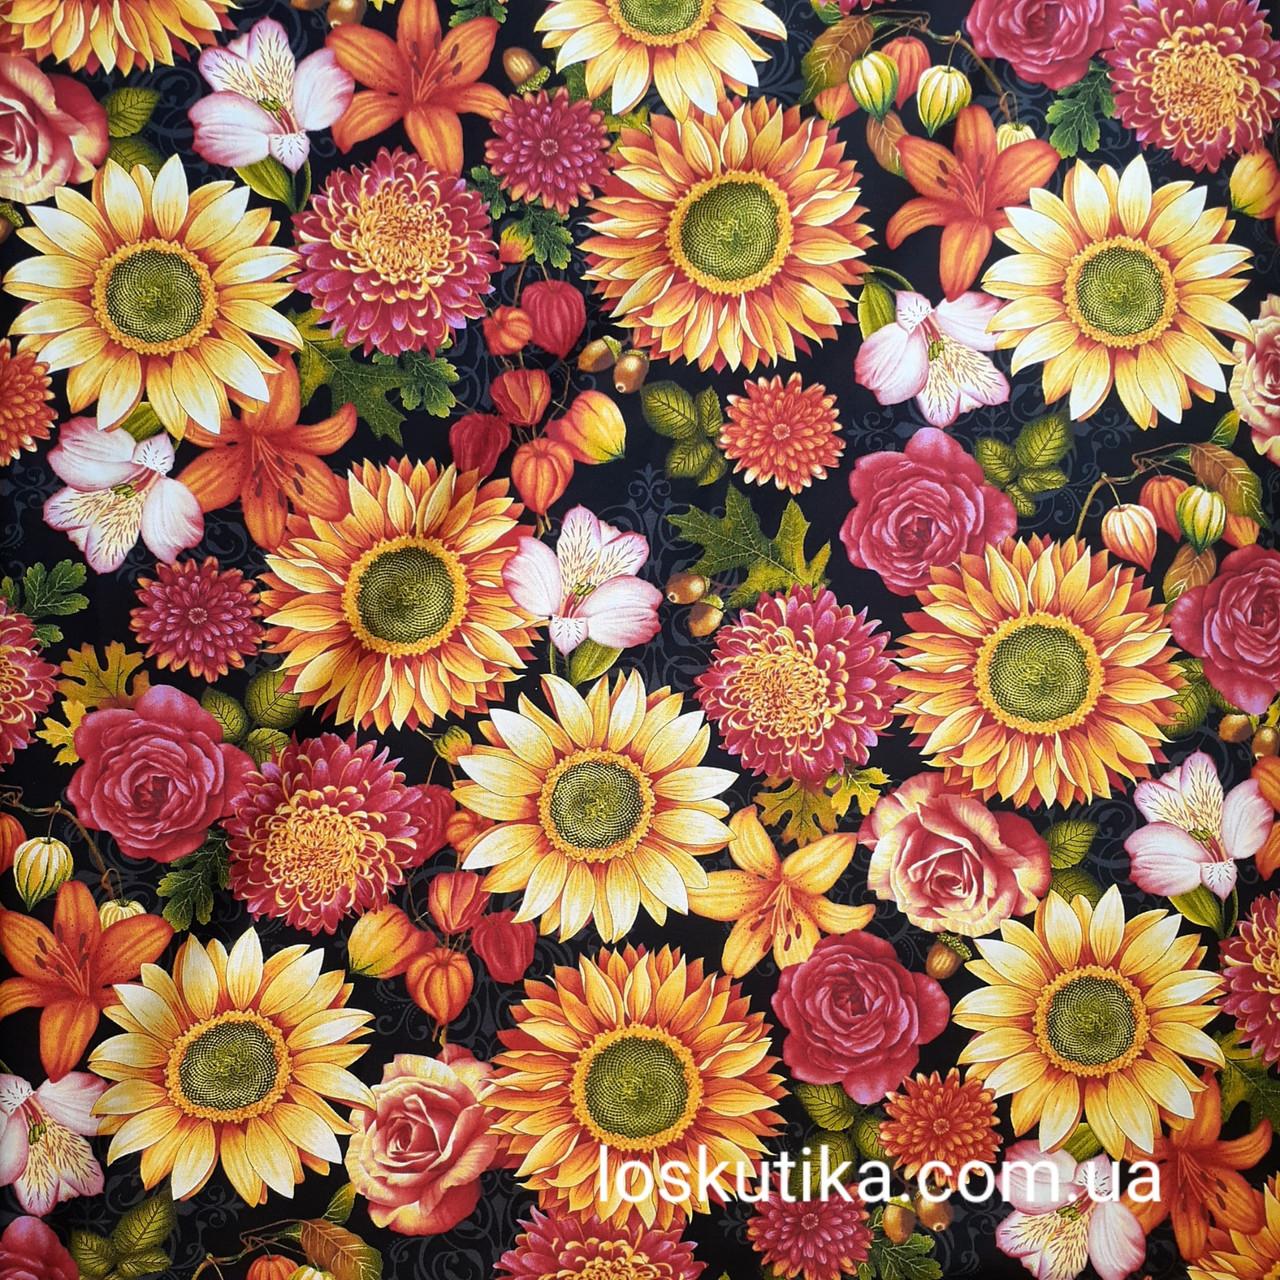 56010 Премиум цветение. Ткань с изображением цветов. Прованс.